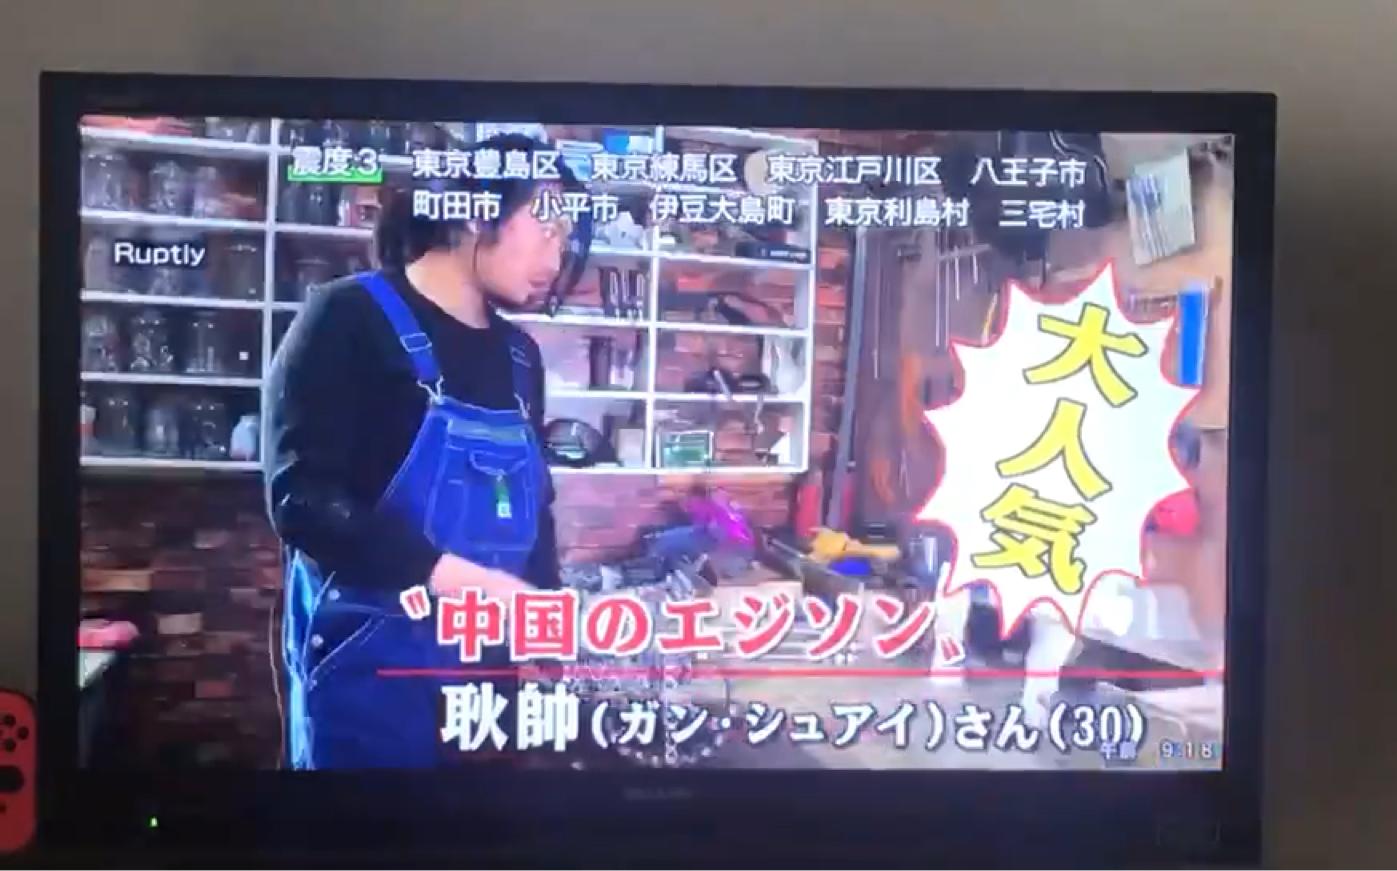 在日本的朋友说我上电视了,主持人是不是在夸我